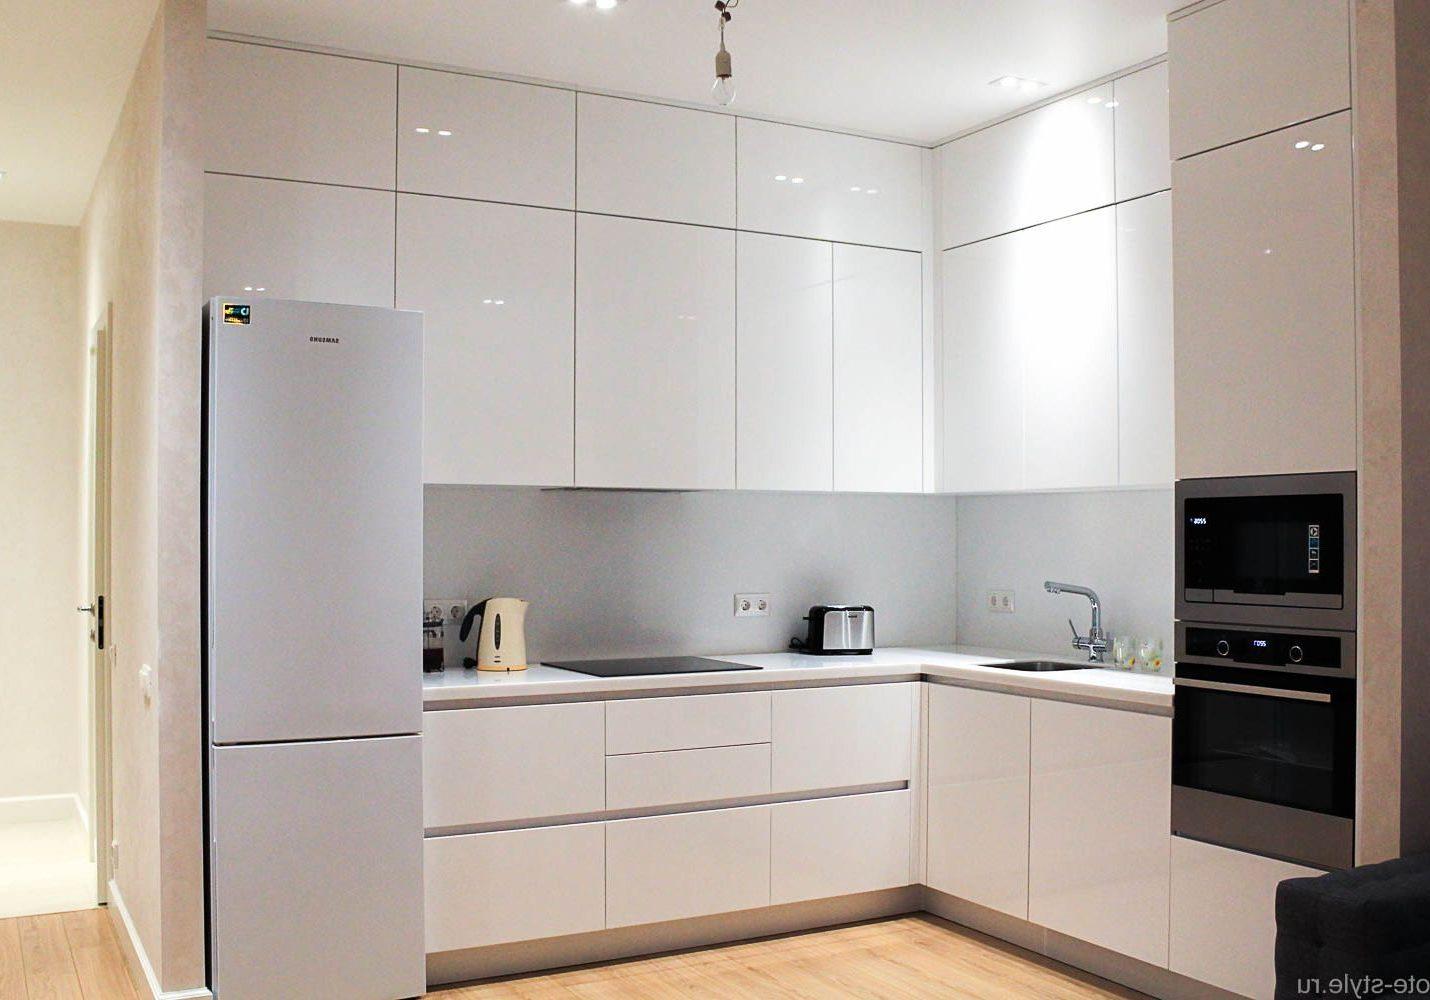 Угловая глянцевая кухня, встроенная